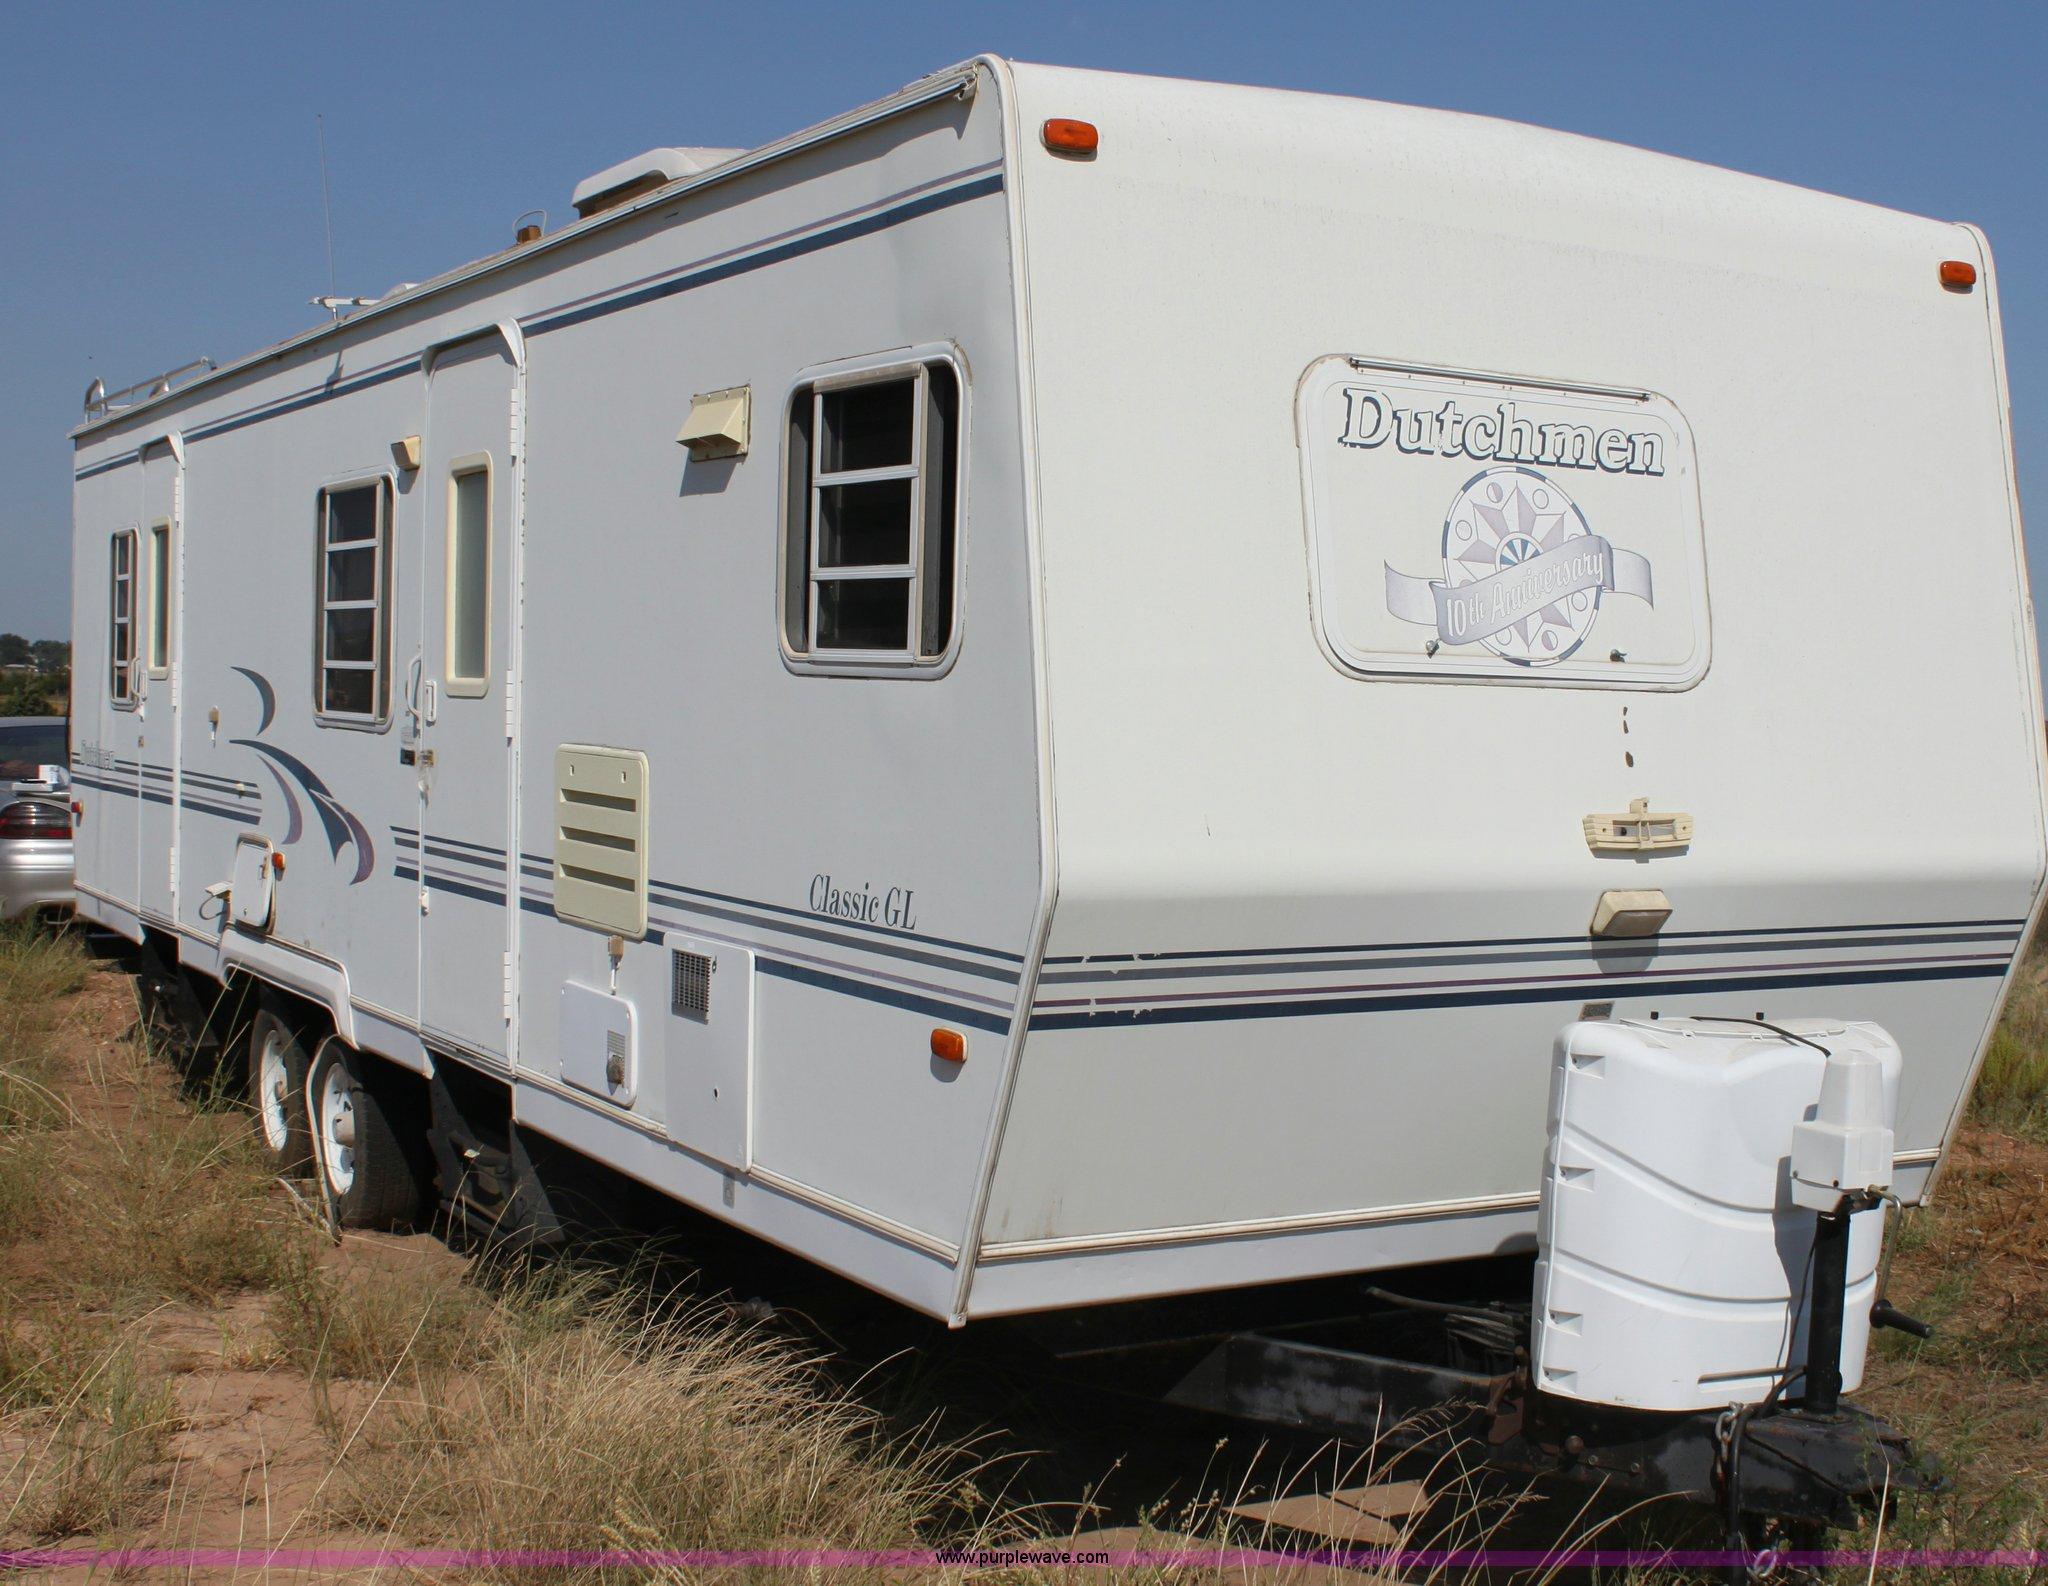 1999 Dutchmen Classic GL 31' camper   Item H7351   SOLD! Mar